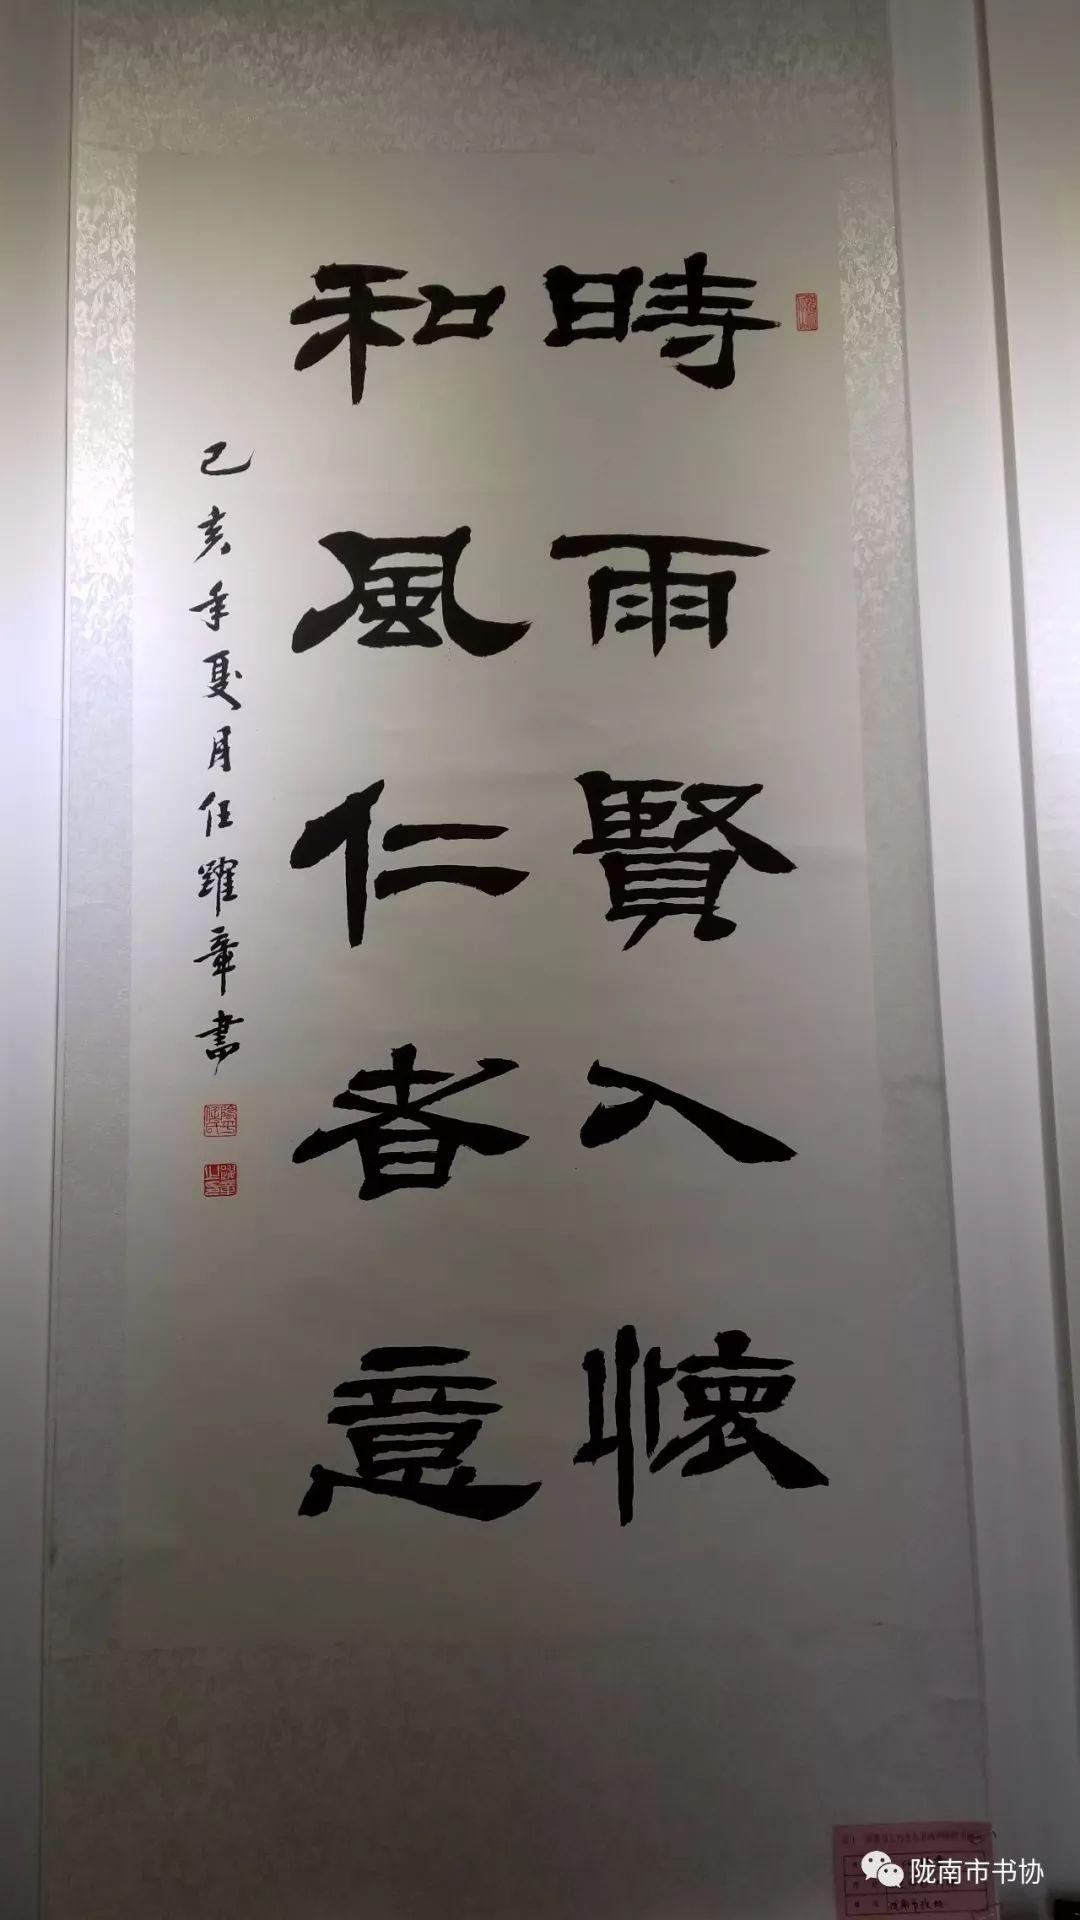 第十一届陇南乞巧女儿节西和麻纸书画展在西和县乞巧苑展出